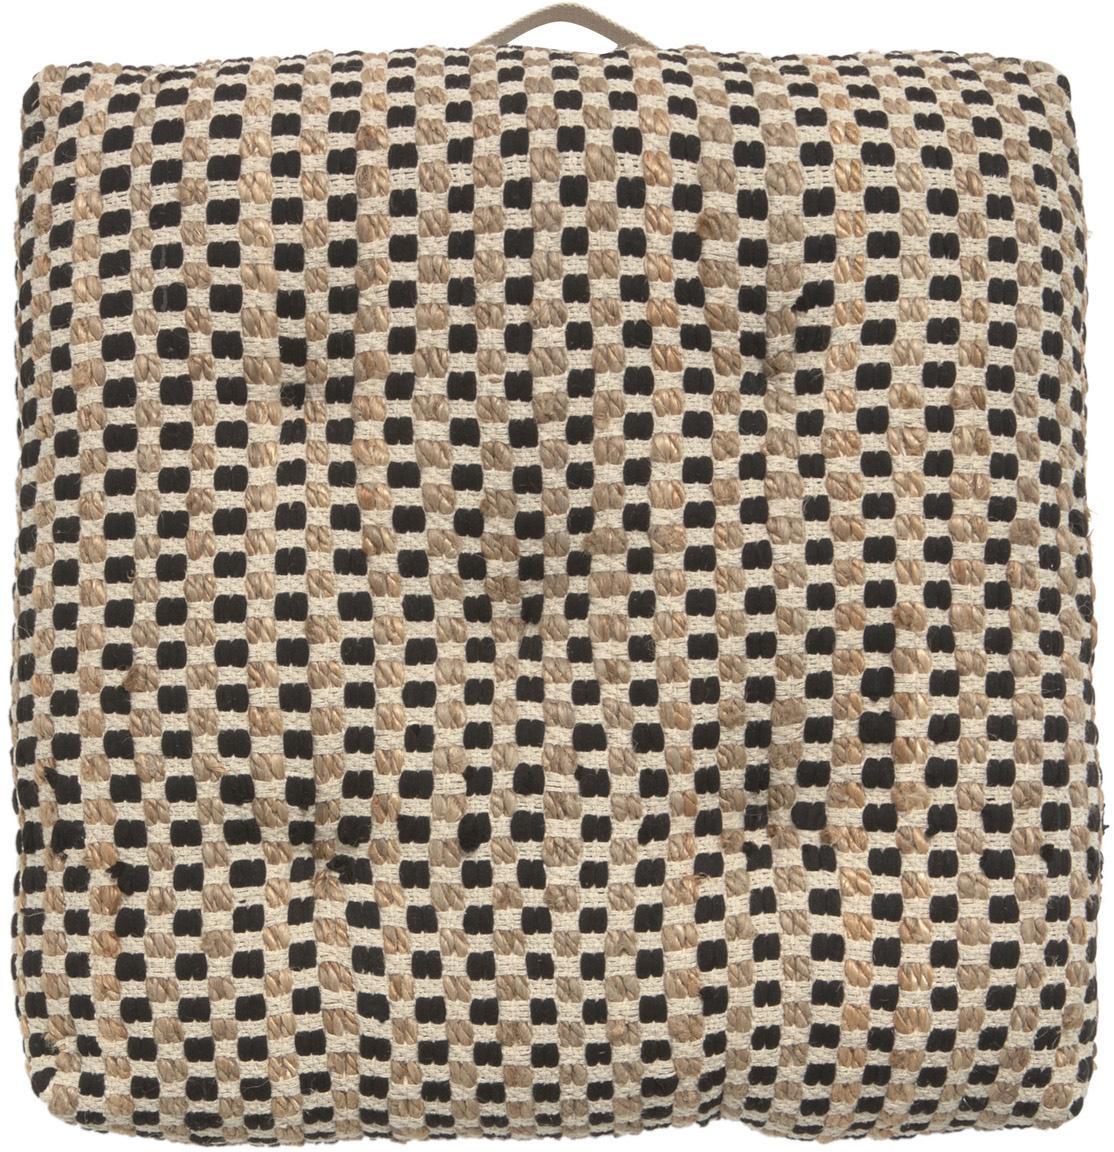 Cuscino da pavimento in cotone/juta Fiesta, Retro: 100% cotone, Nero, beige, Larg. 60 x Lung. 60 cm